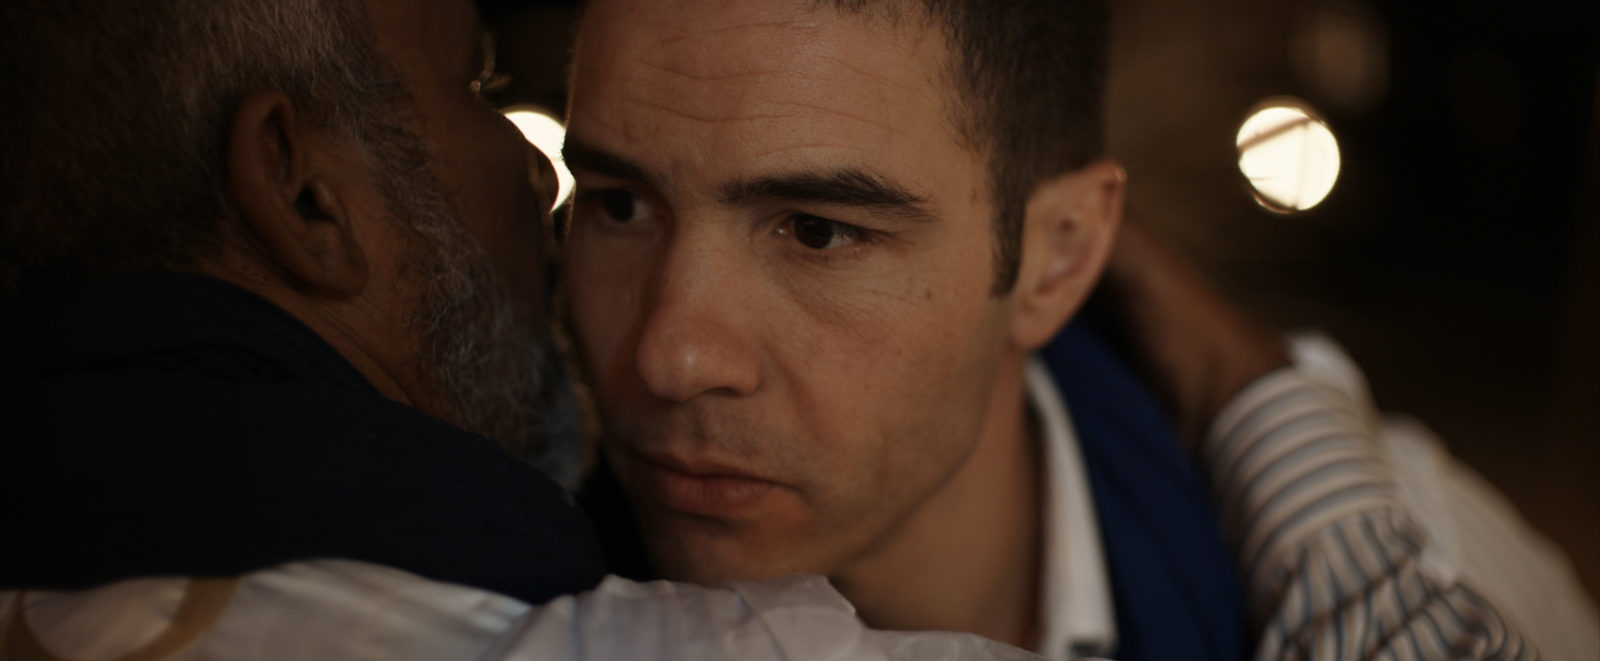 Тахар Рахим: «Если бы я не знал, что Мавританец – это правдивая история, мне было бы трудно в нее поверить»